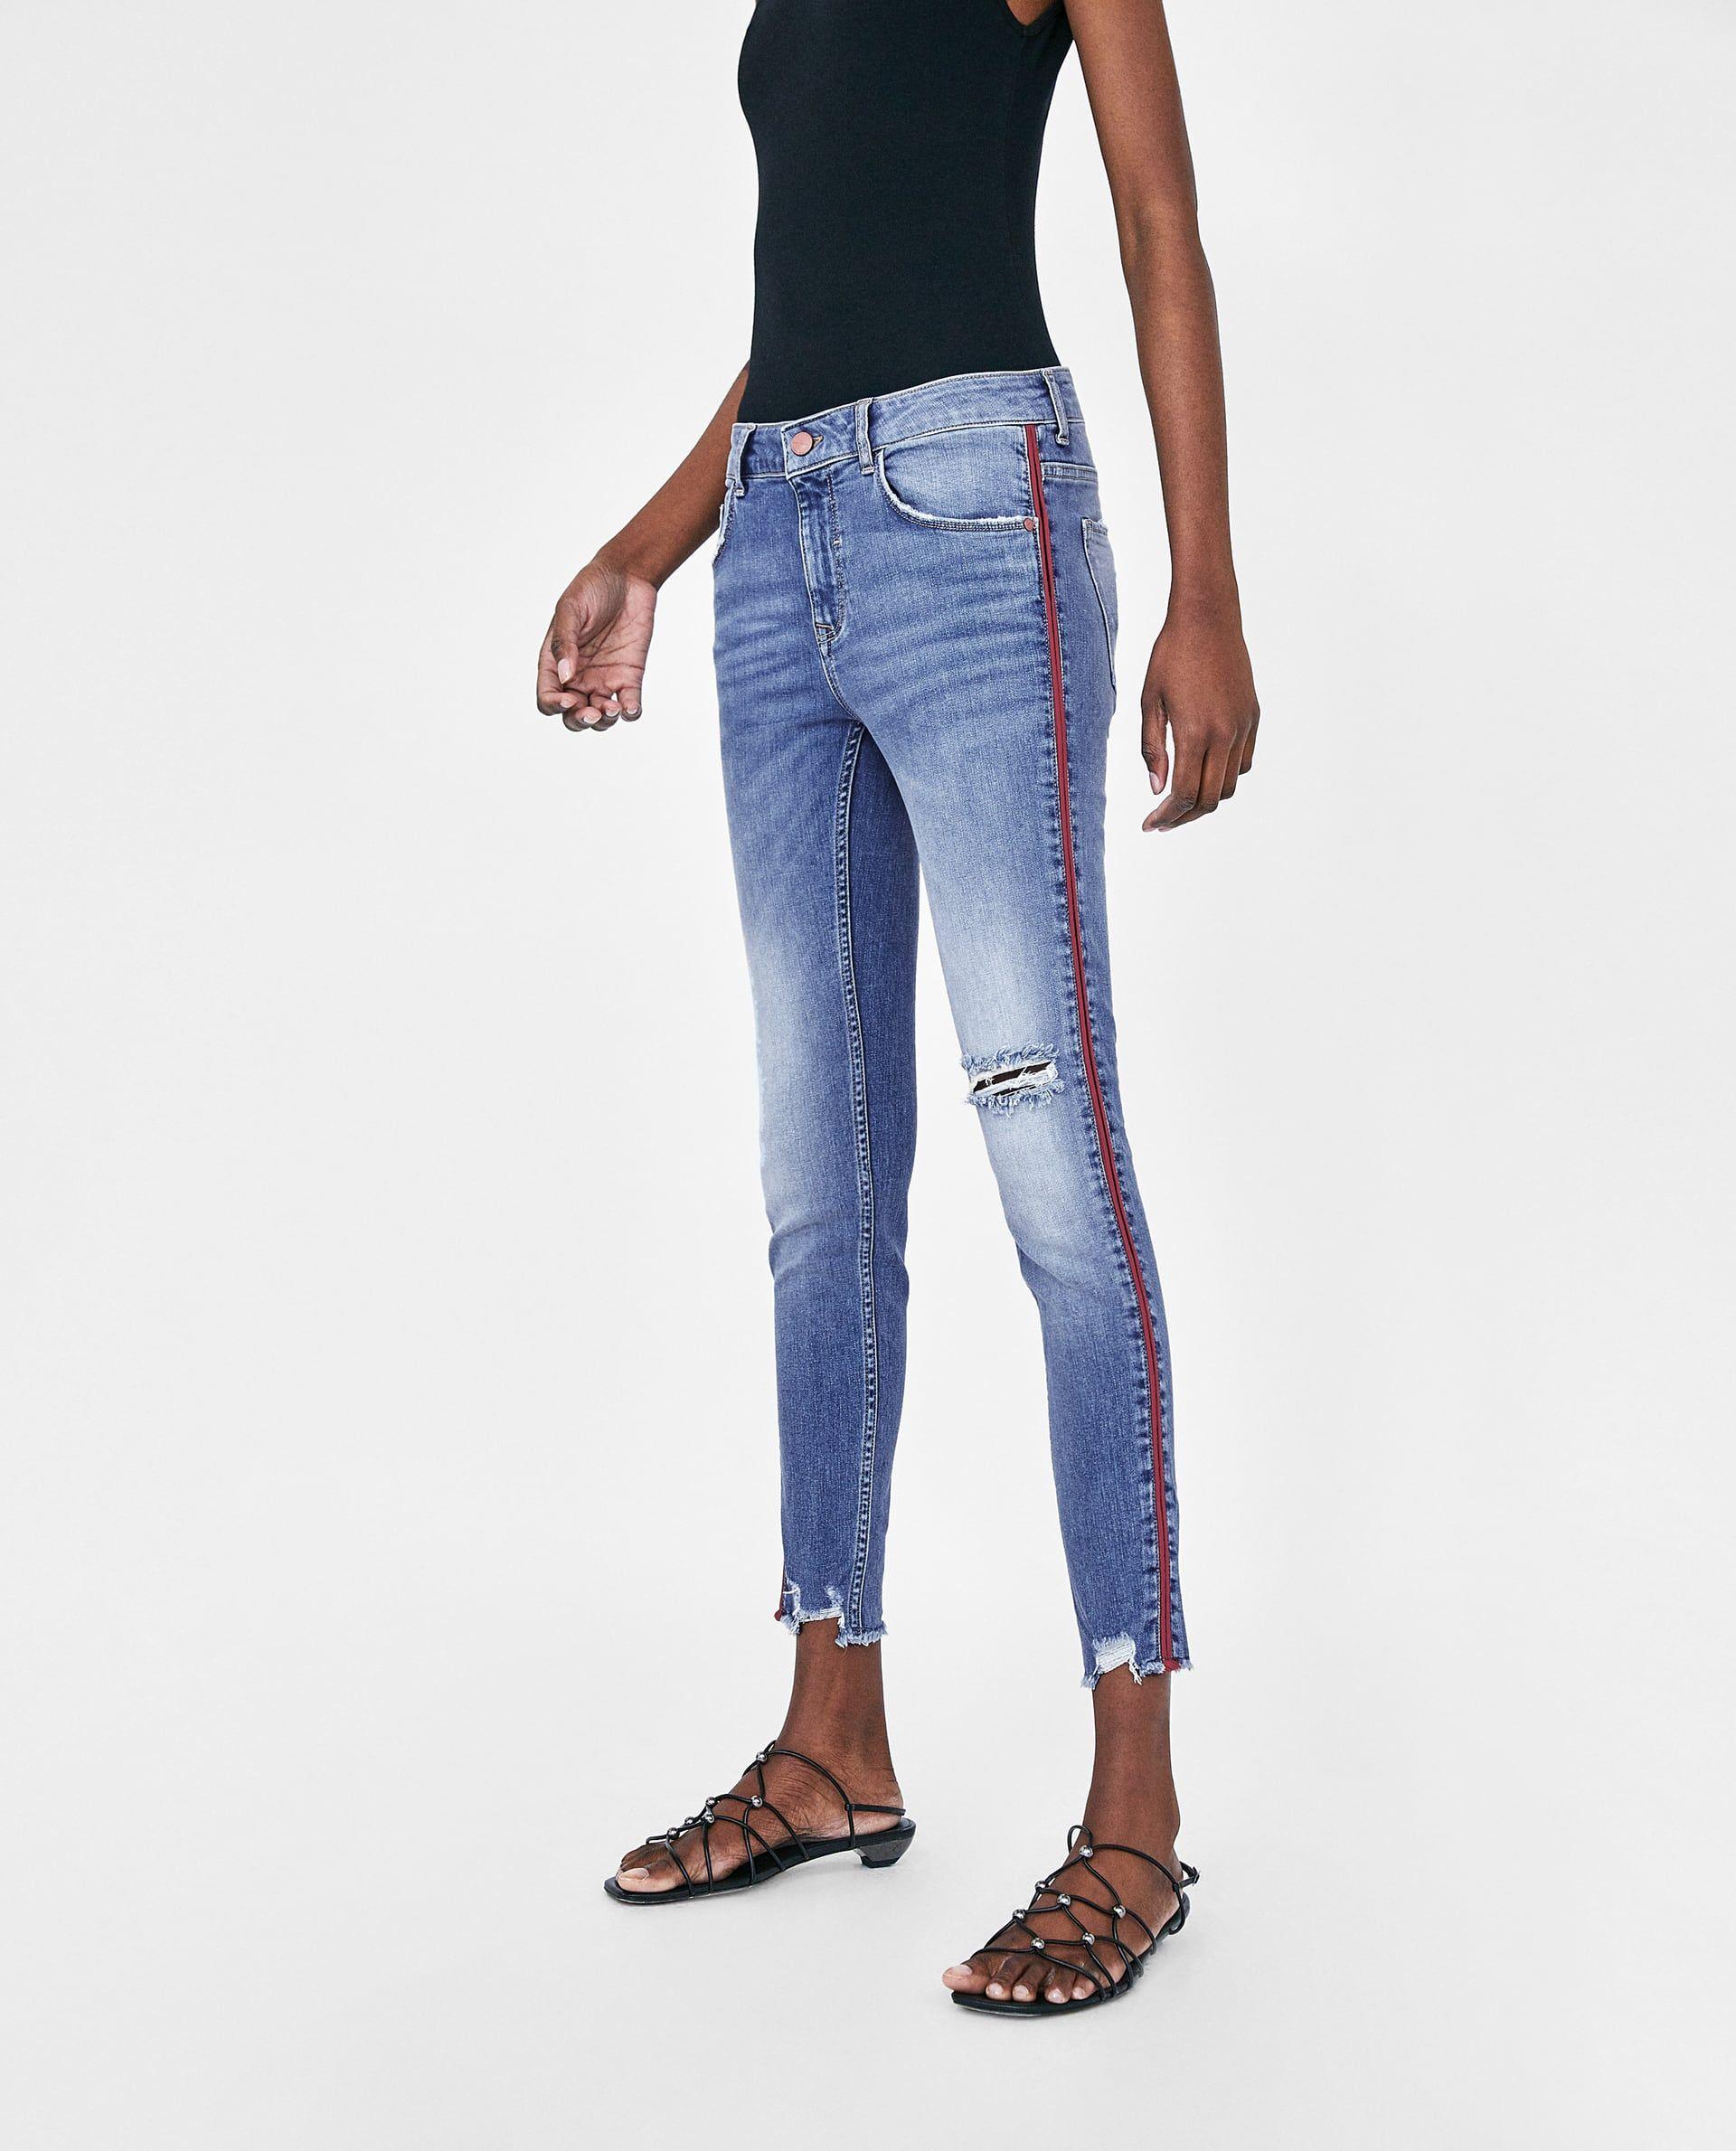 ff6814b6f0d JEANS Z1975 BANDA LATERAL-Ver Todo-JEANS-MUJER | ZARA México | Jeans ...